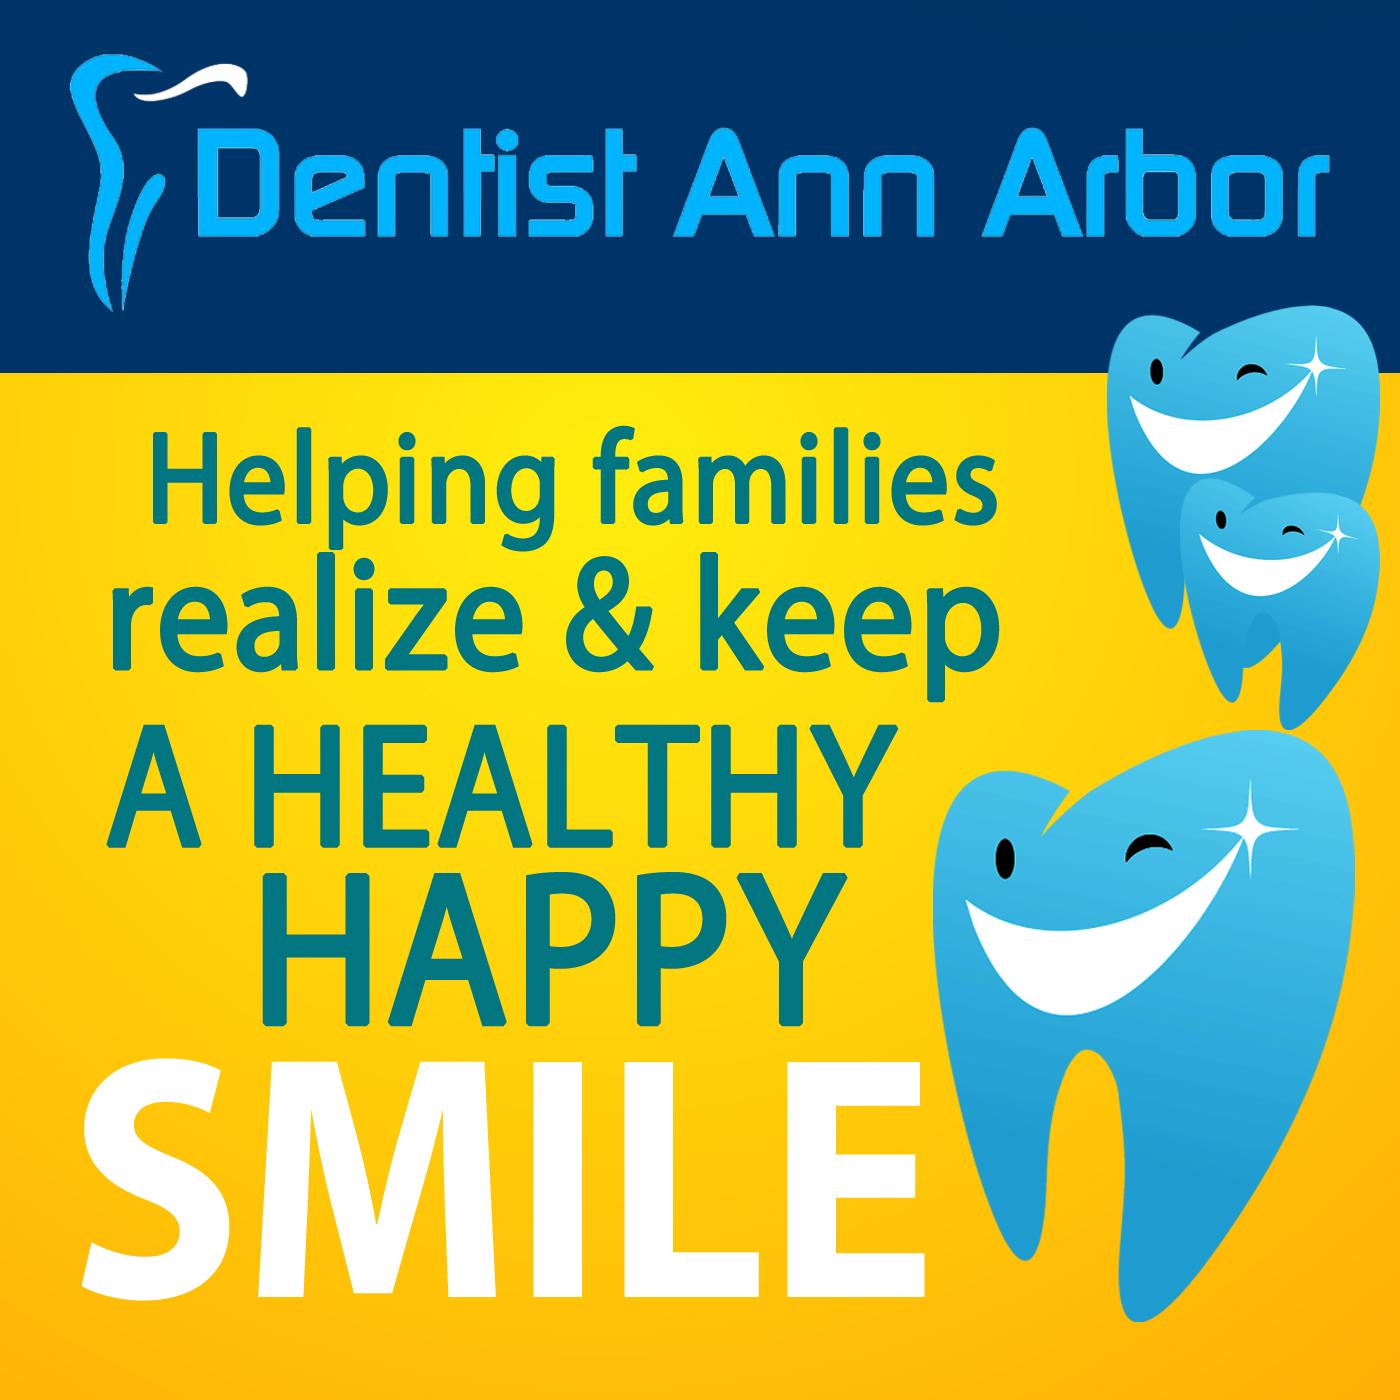 <![CDATA[Dentist Ann Arbor ]]>